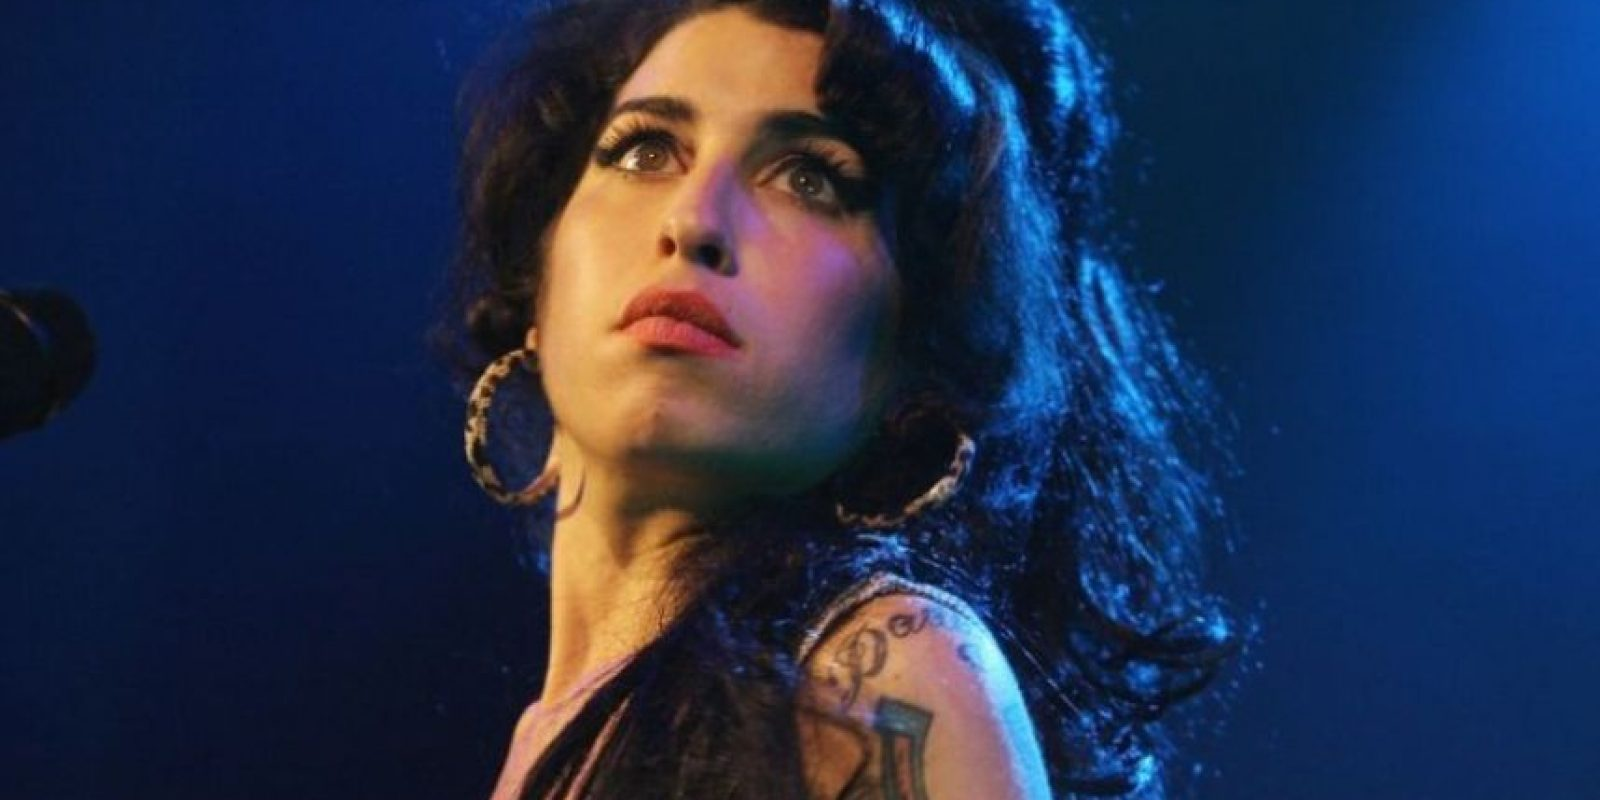 El documental tiene por objetivo recuperar la figura de la cantante. Foto:Getty Images